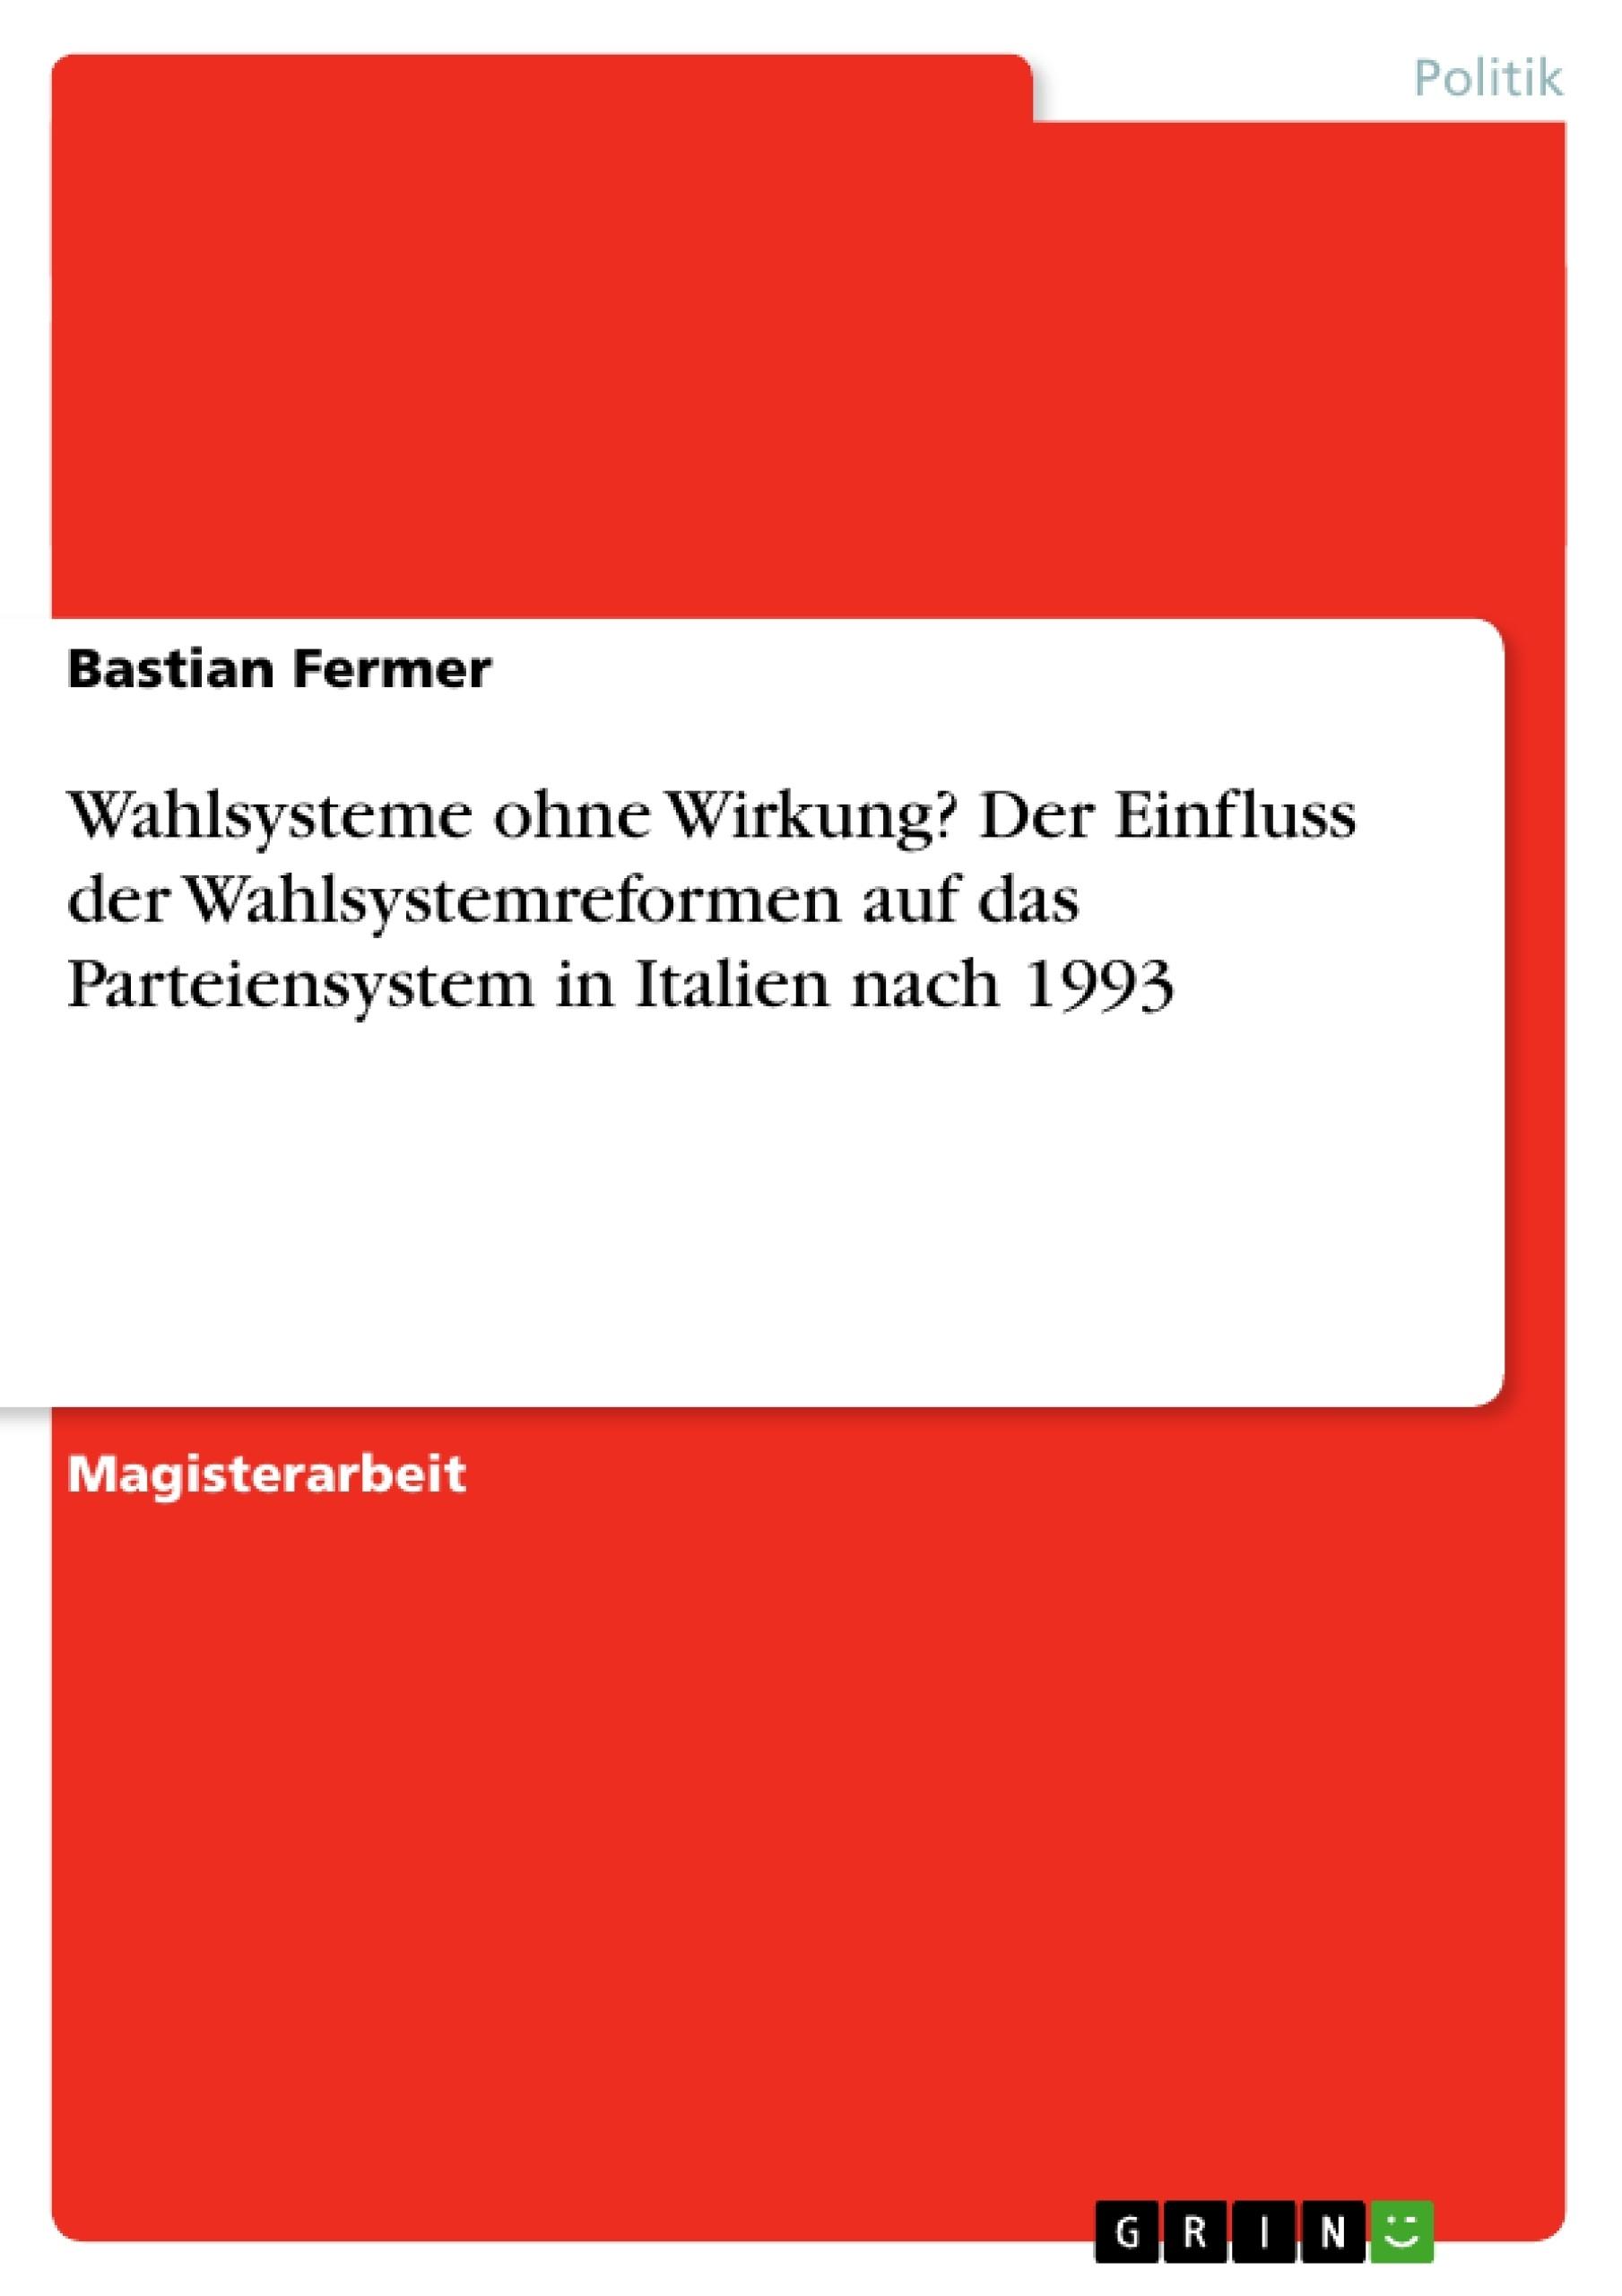 Titel: Wahlsysteme ohne Wirkung? Der Einfluss der Wahlsystemreformen auf das Parteiensystem in Italien nach 1993